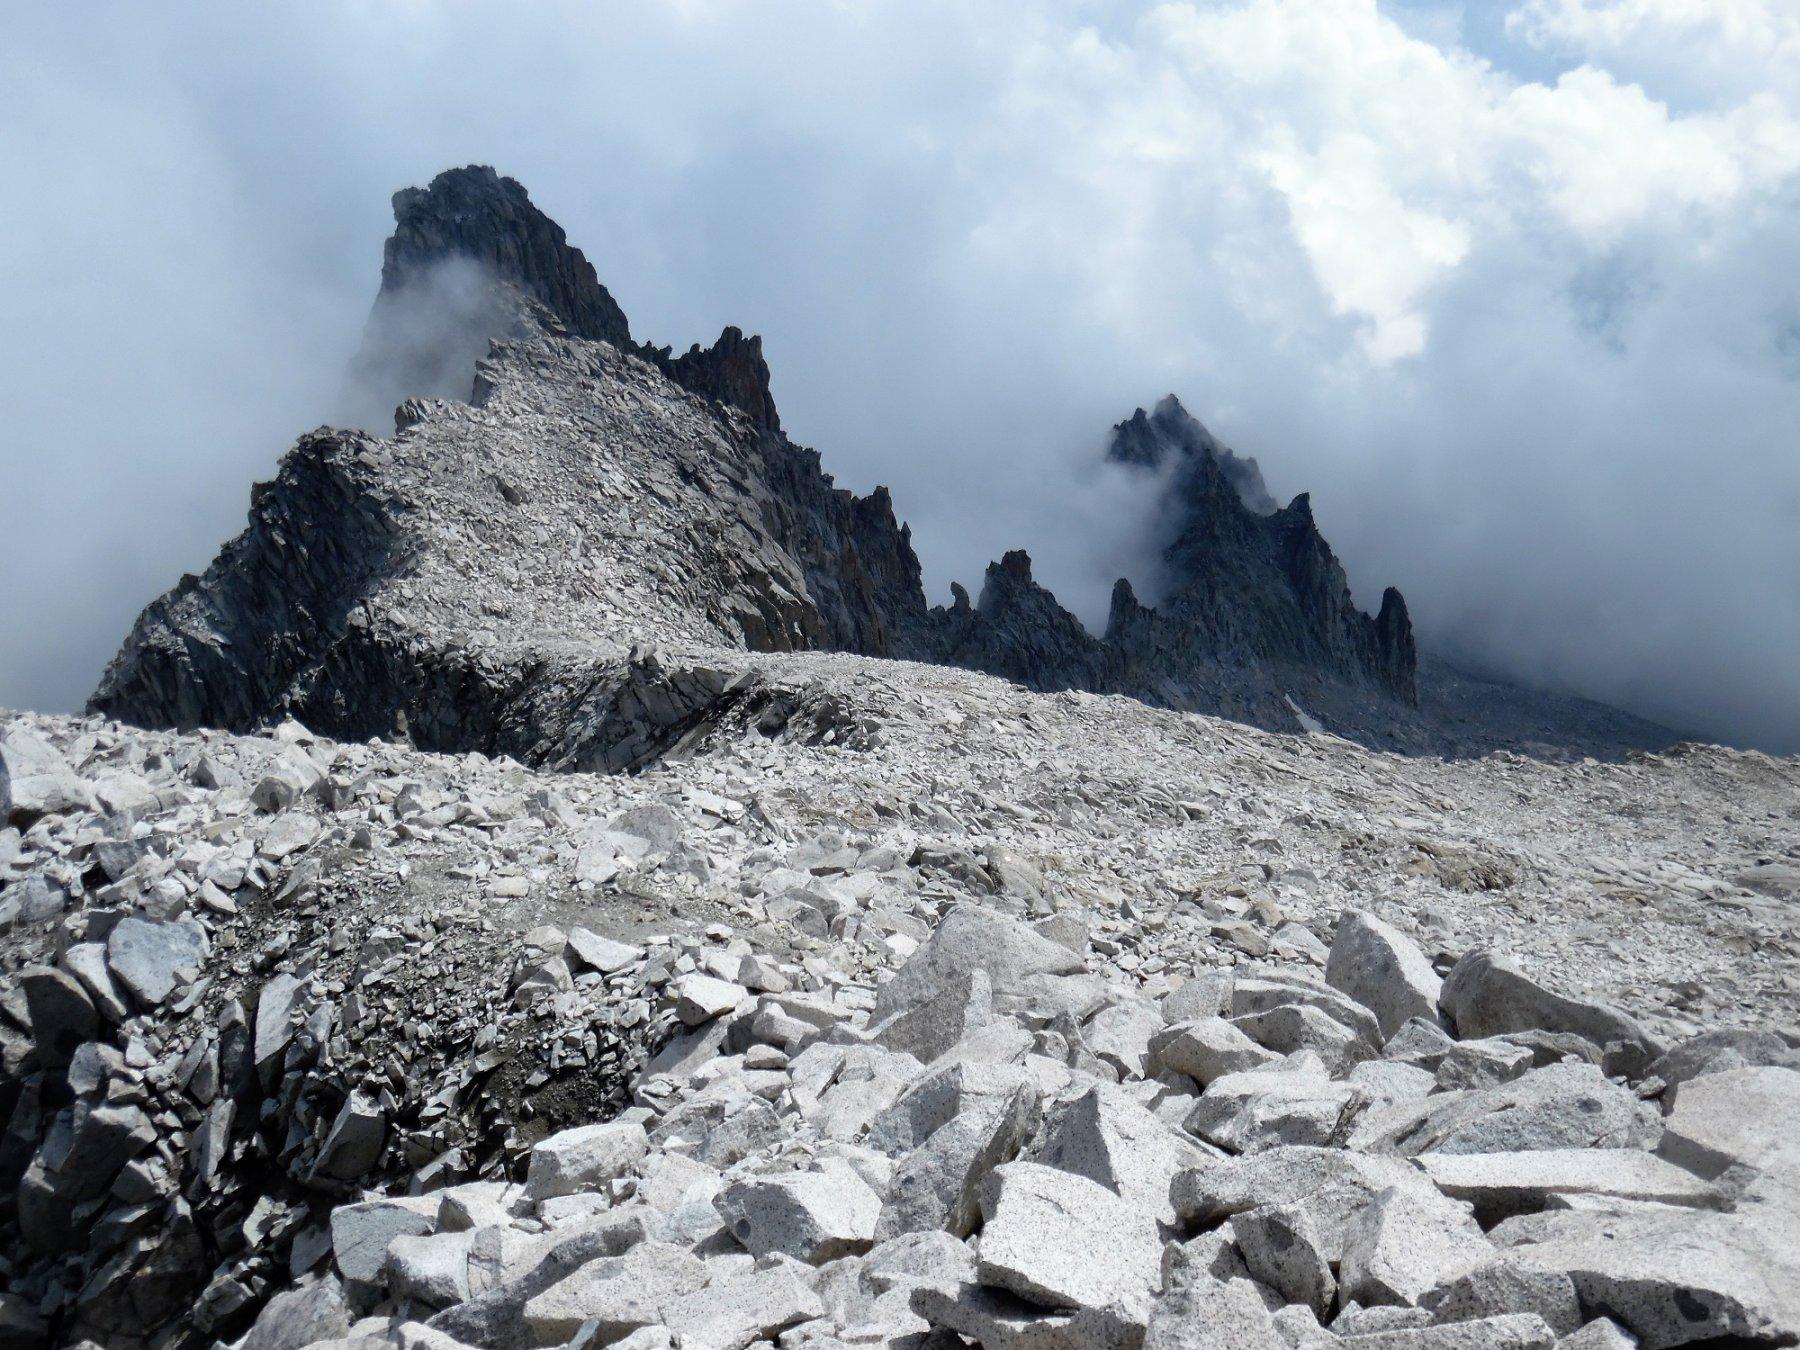 Dopo aver oltrepassato il Monte Nero. A destra la vallata di salita.